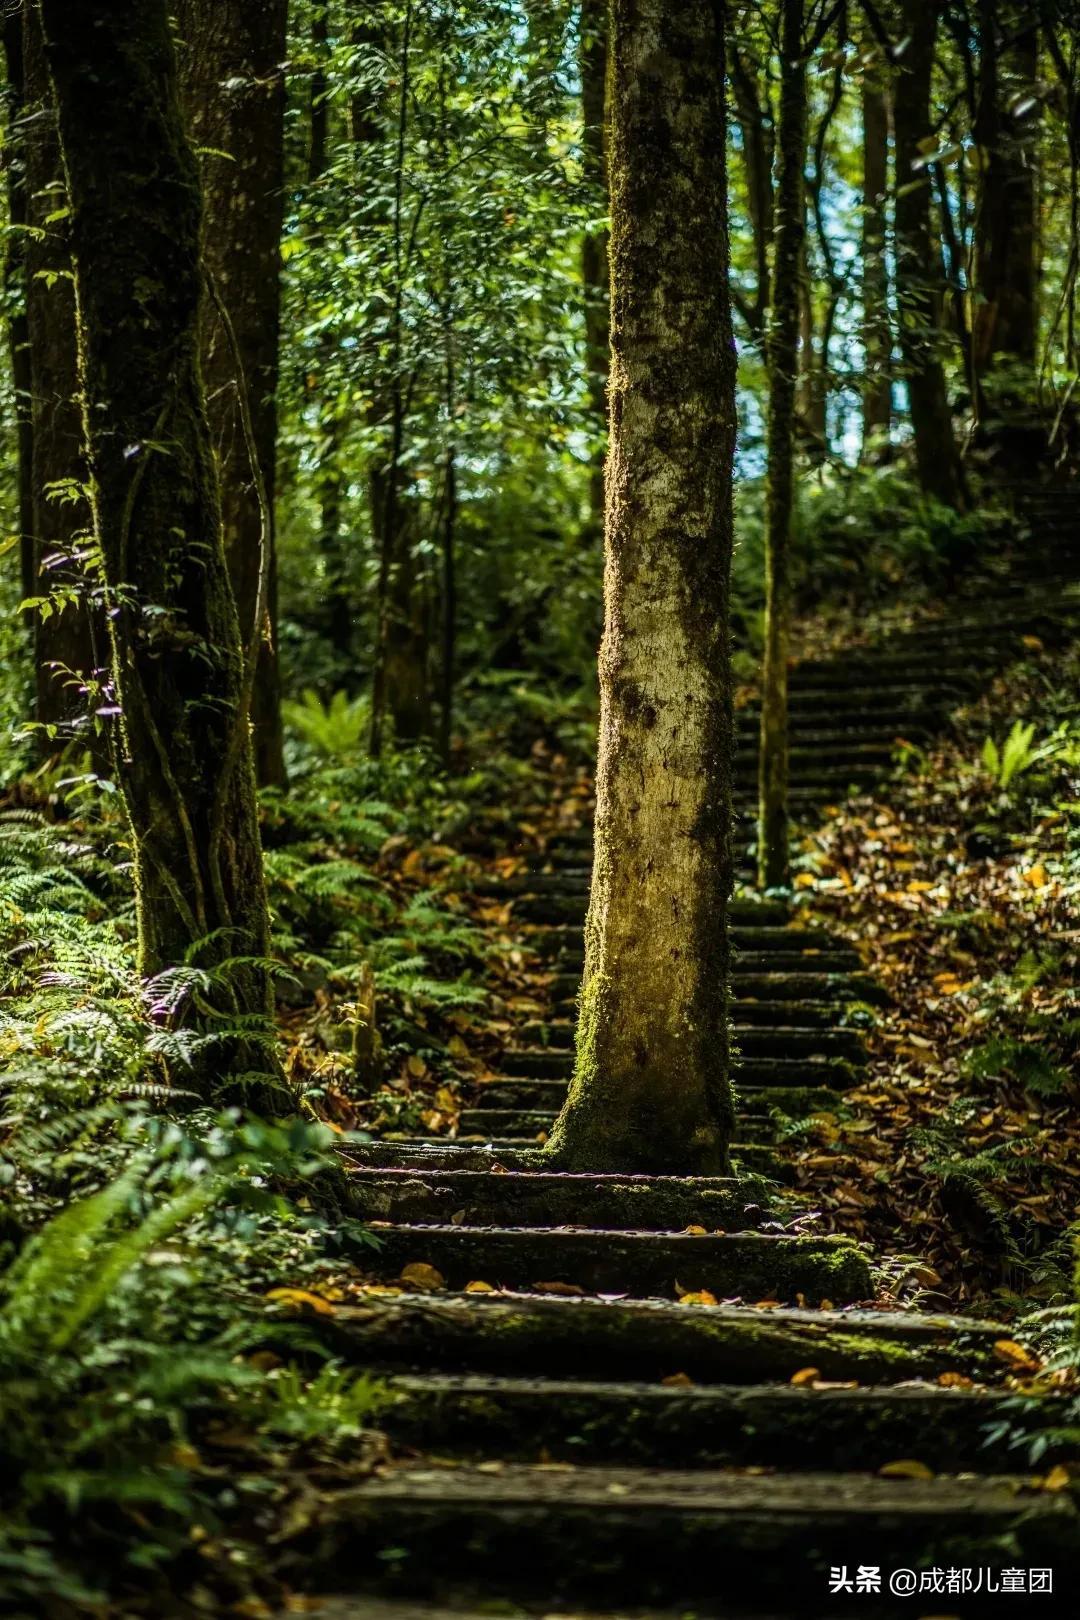 成都周边藏着三个小众森林打卡地,溜娃、避暑、耍水齐活儿了